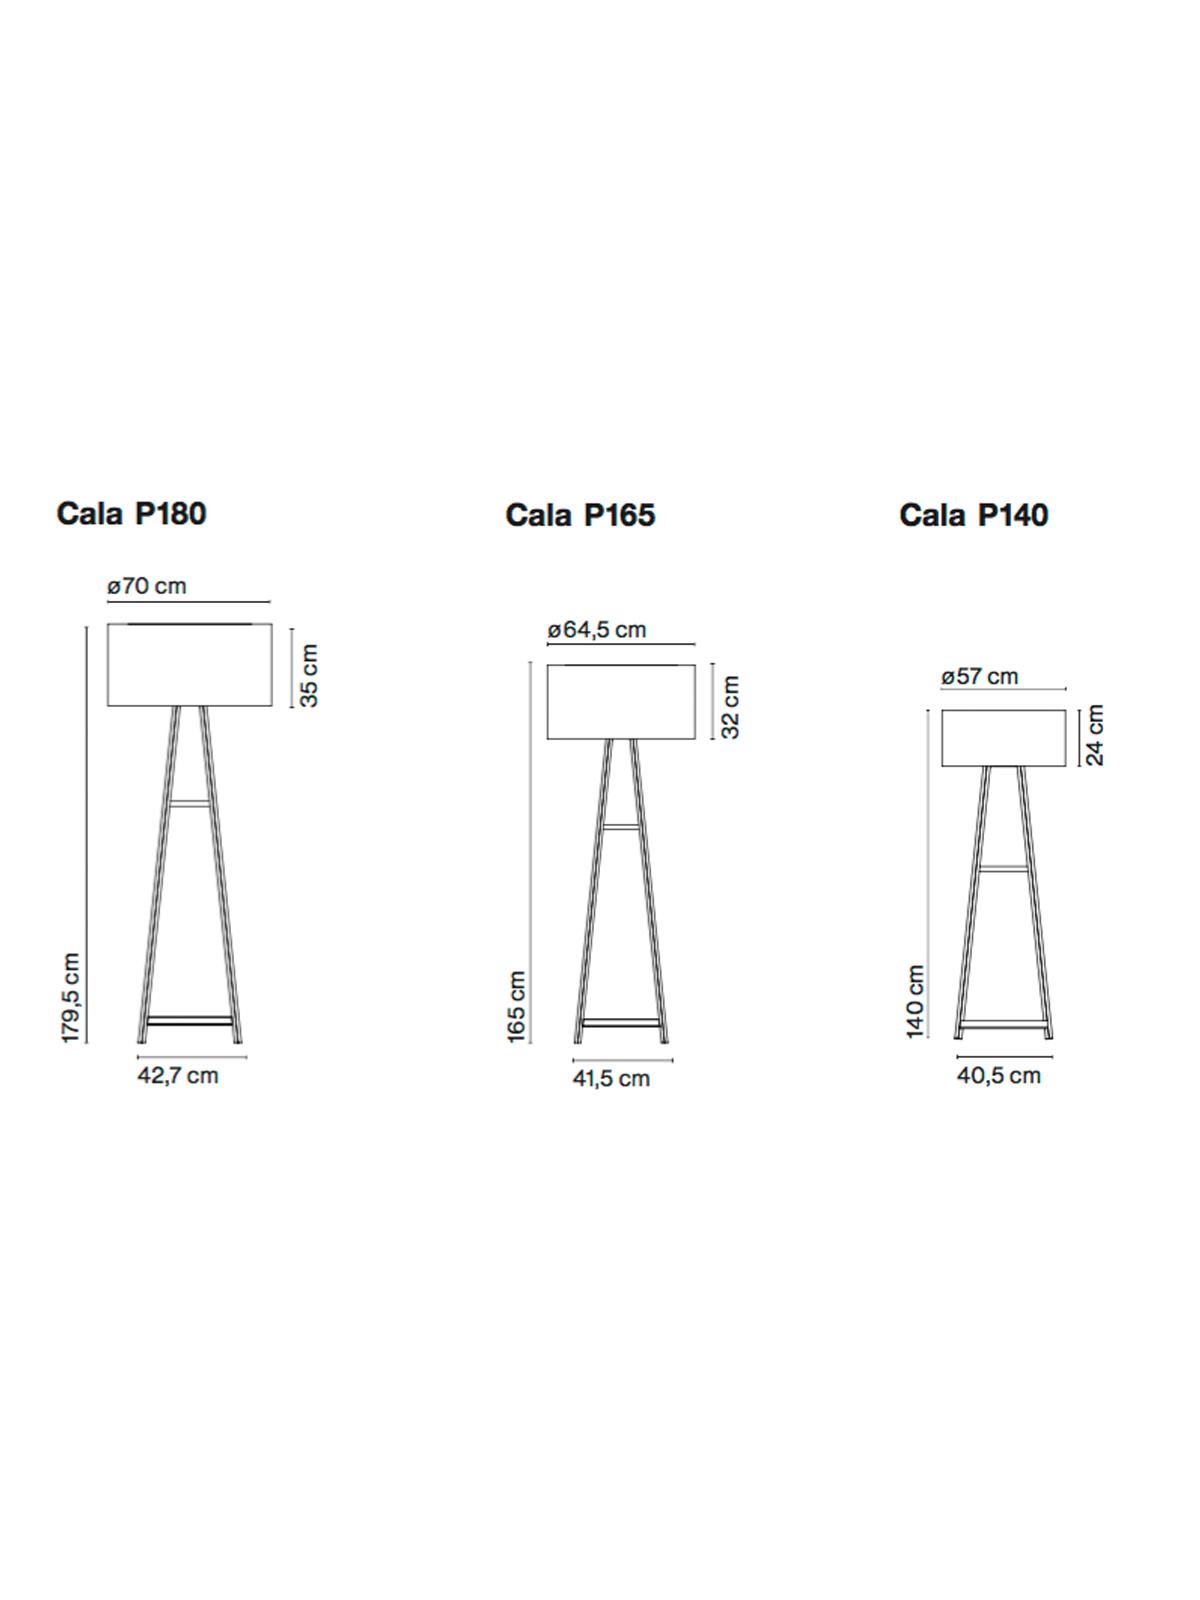 Maße der der drei Cala-Varianten